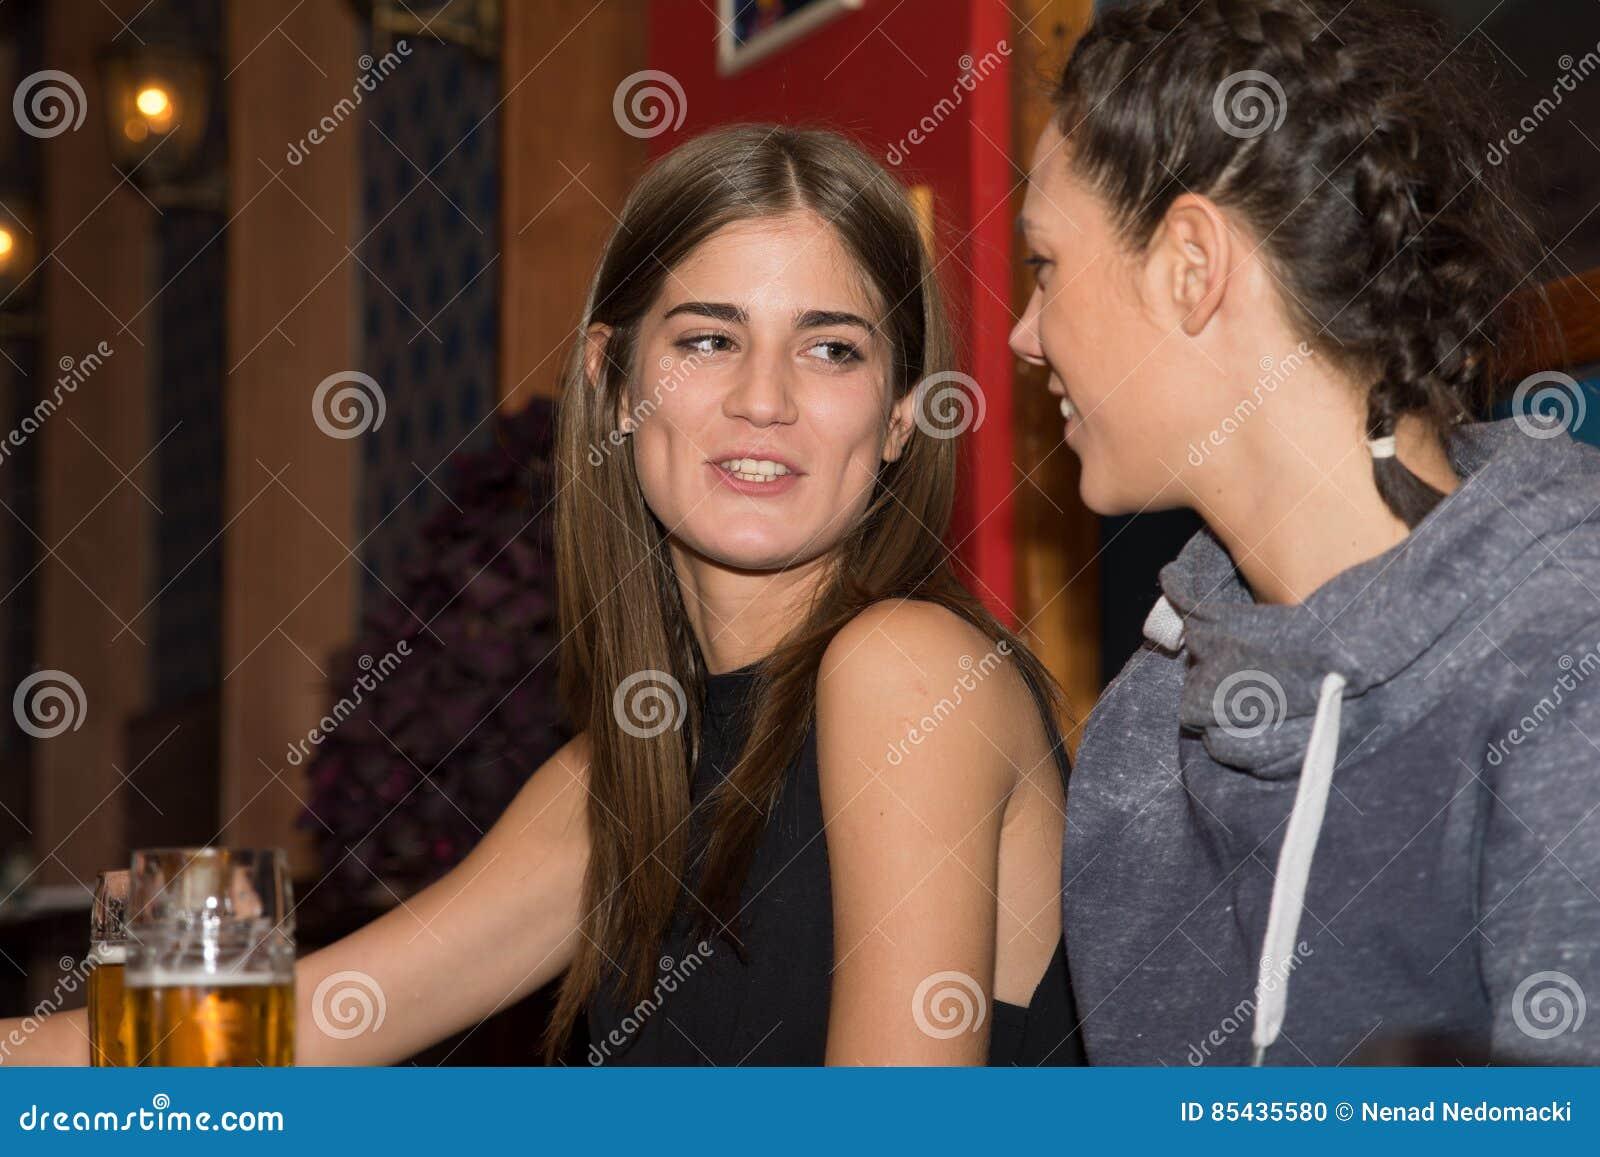 Ragazze che bevono insieme e che si divertono